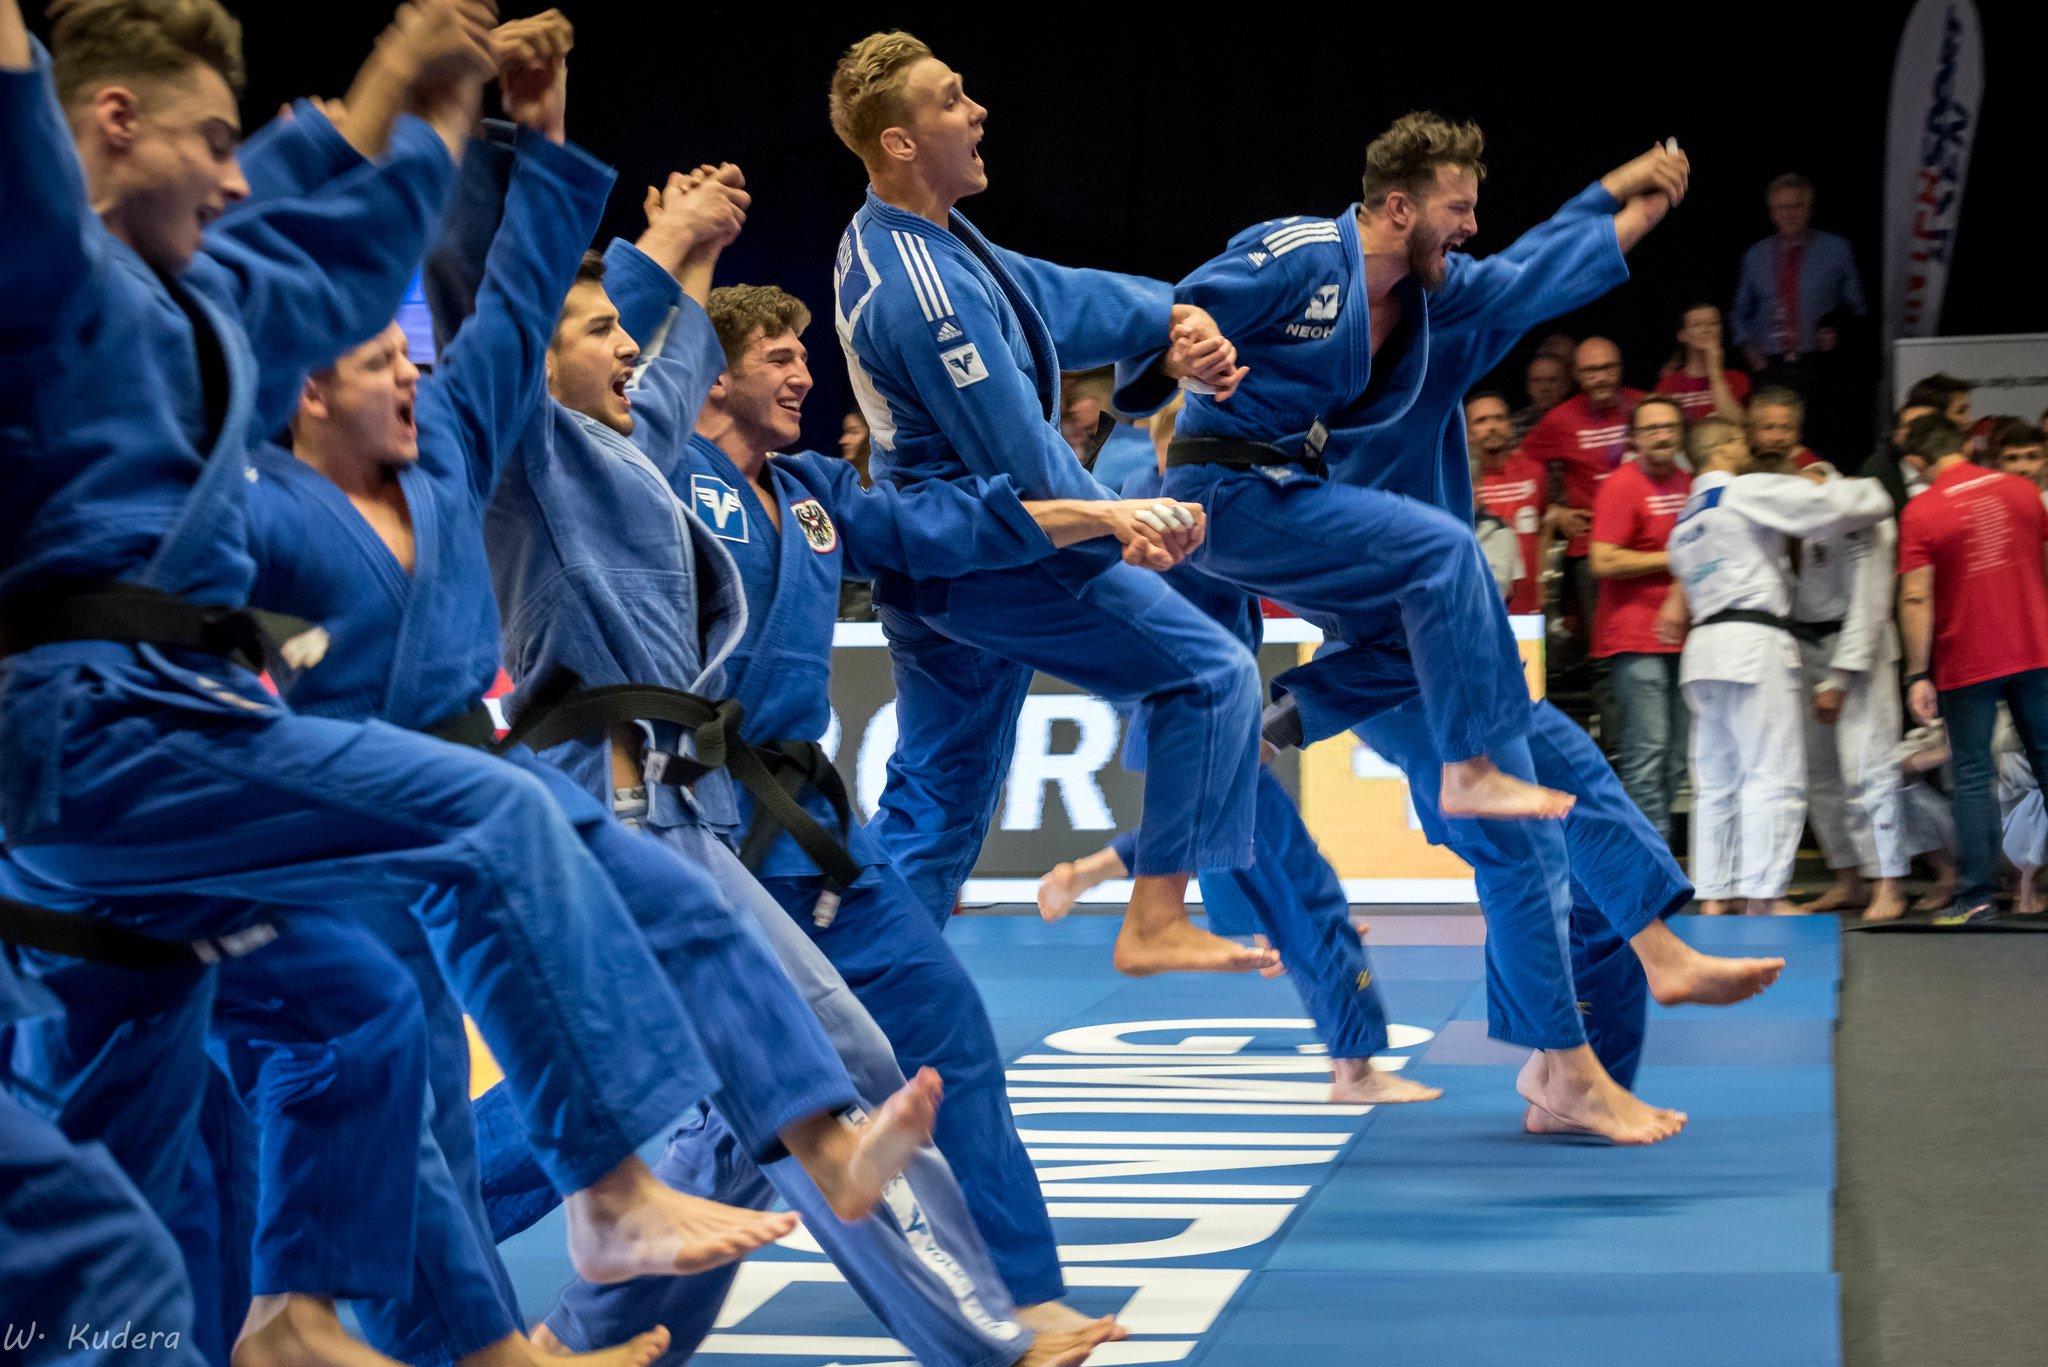 Sieben Meistertitel in Serie: Volksbank Galaxy Judo Tigers erneut Meister! - meinbezirk.at